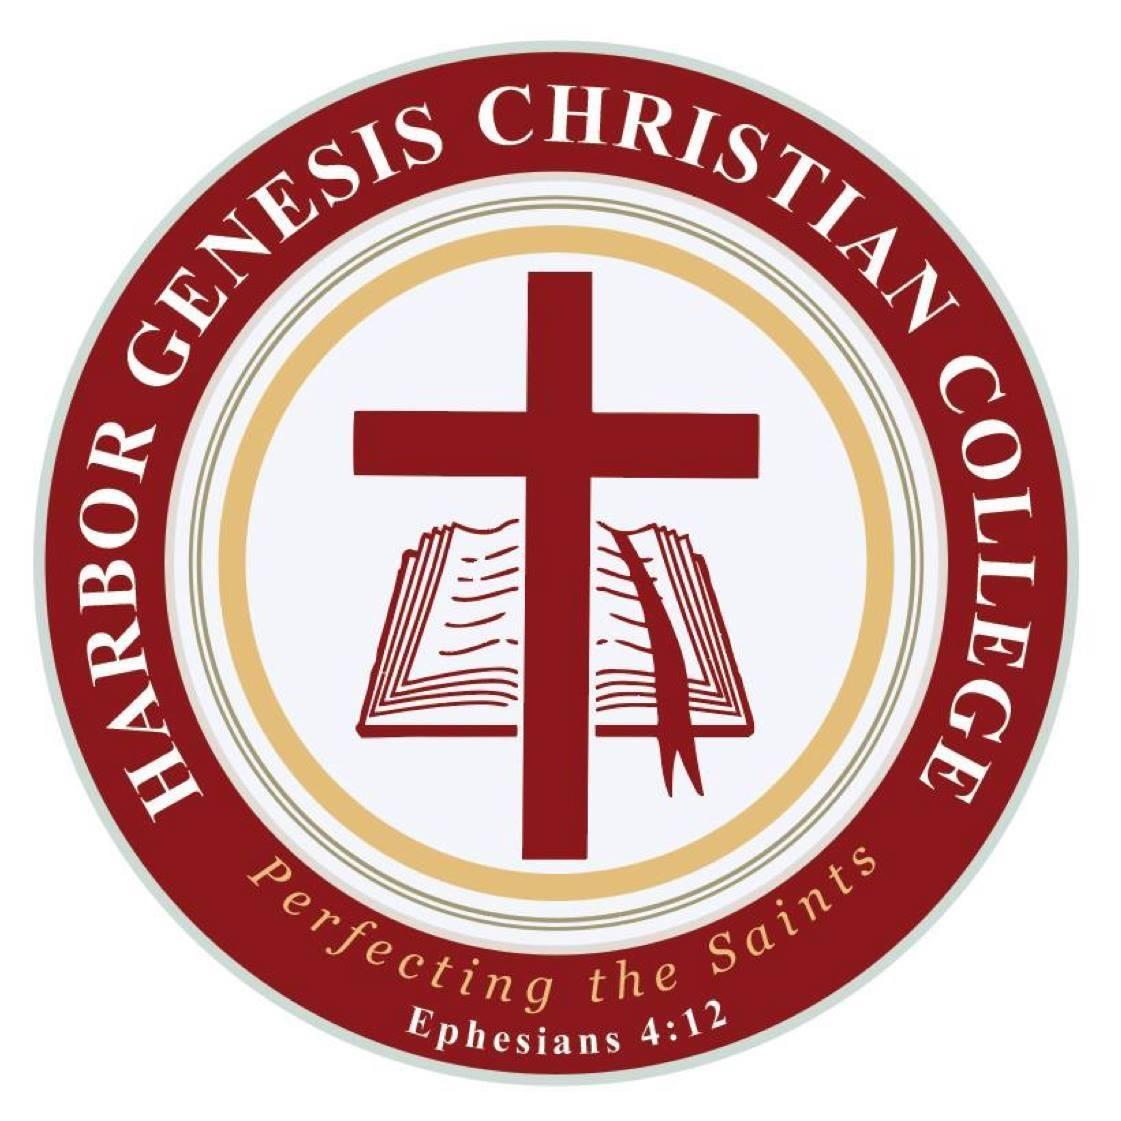 Harbor Genesis Christian College (HGCC)